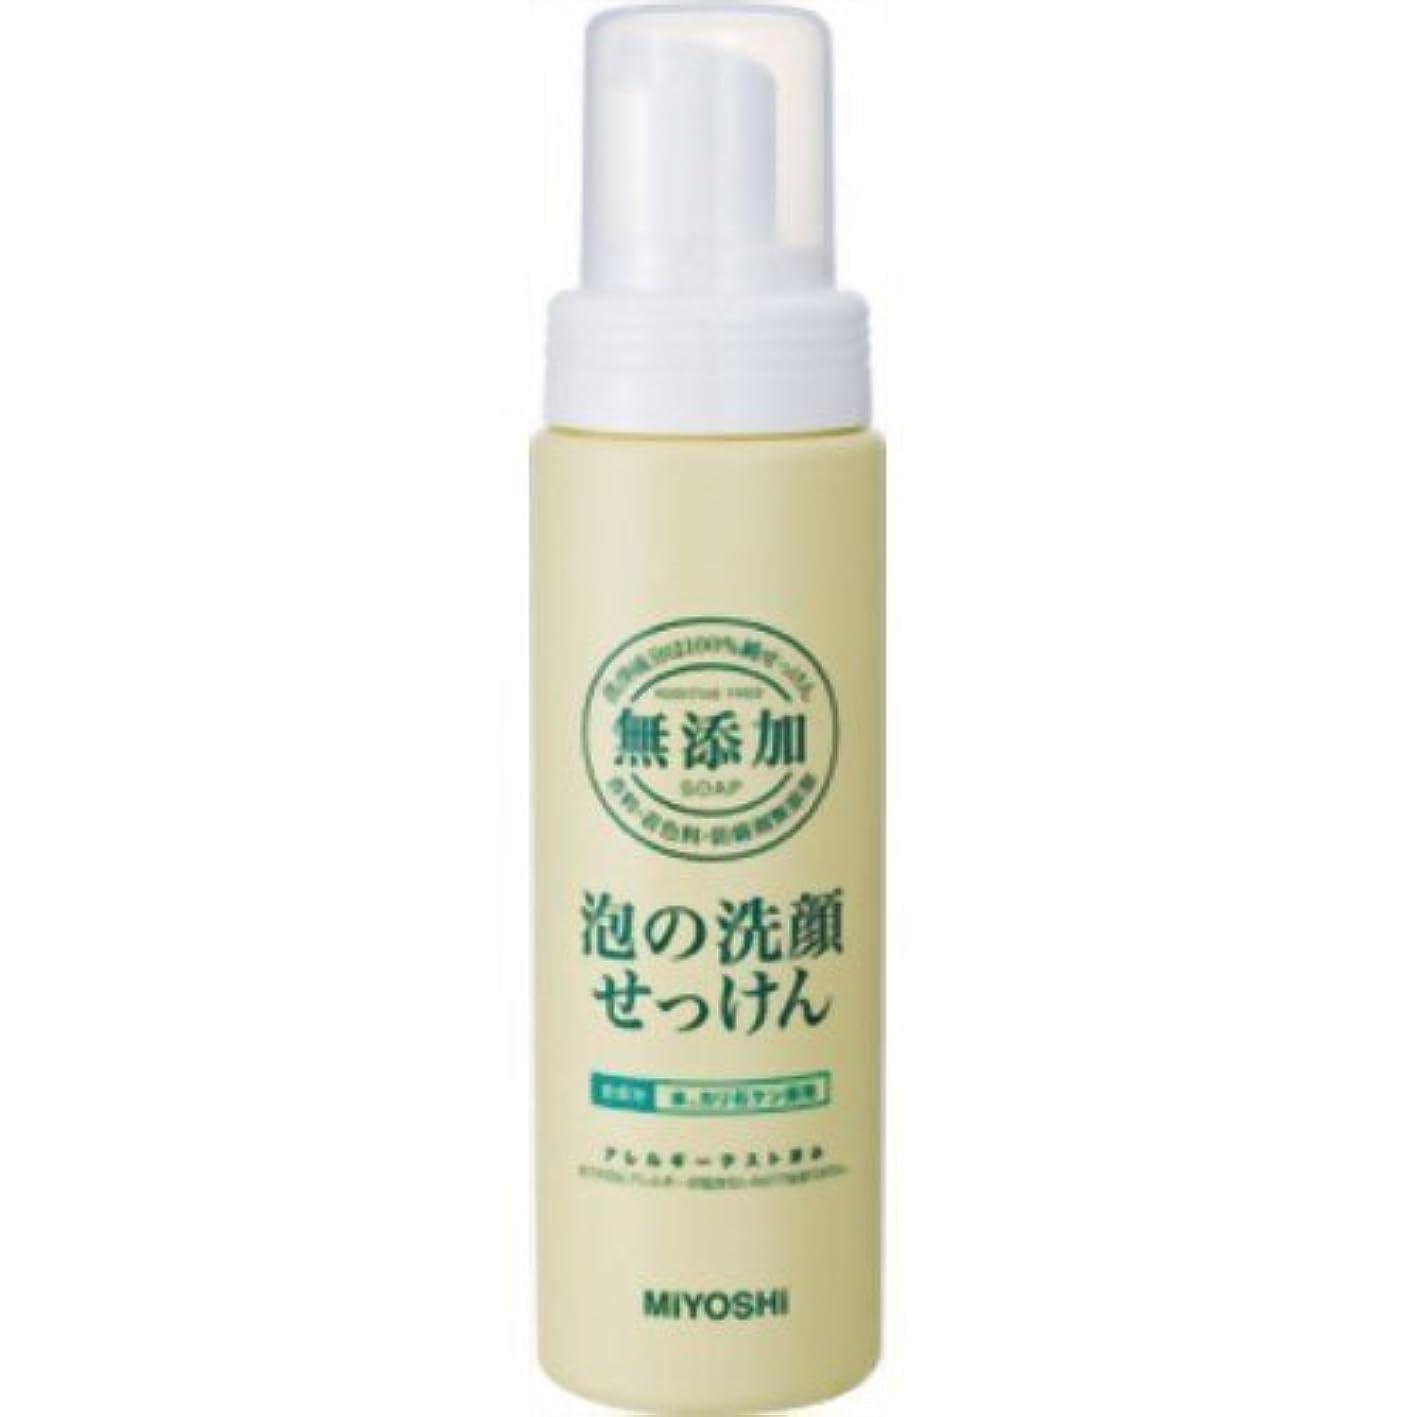 新しさ現代加速度無添加泡の洗顔せっけんポンプボトル × 3個セット